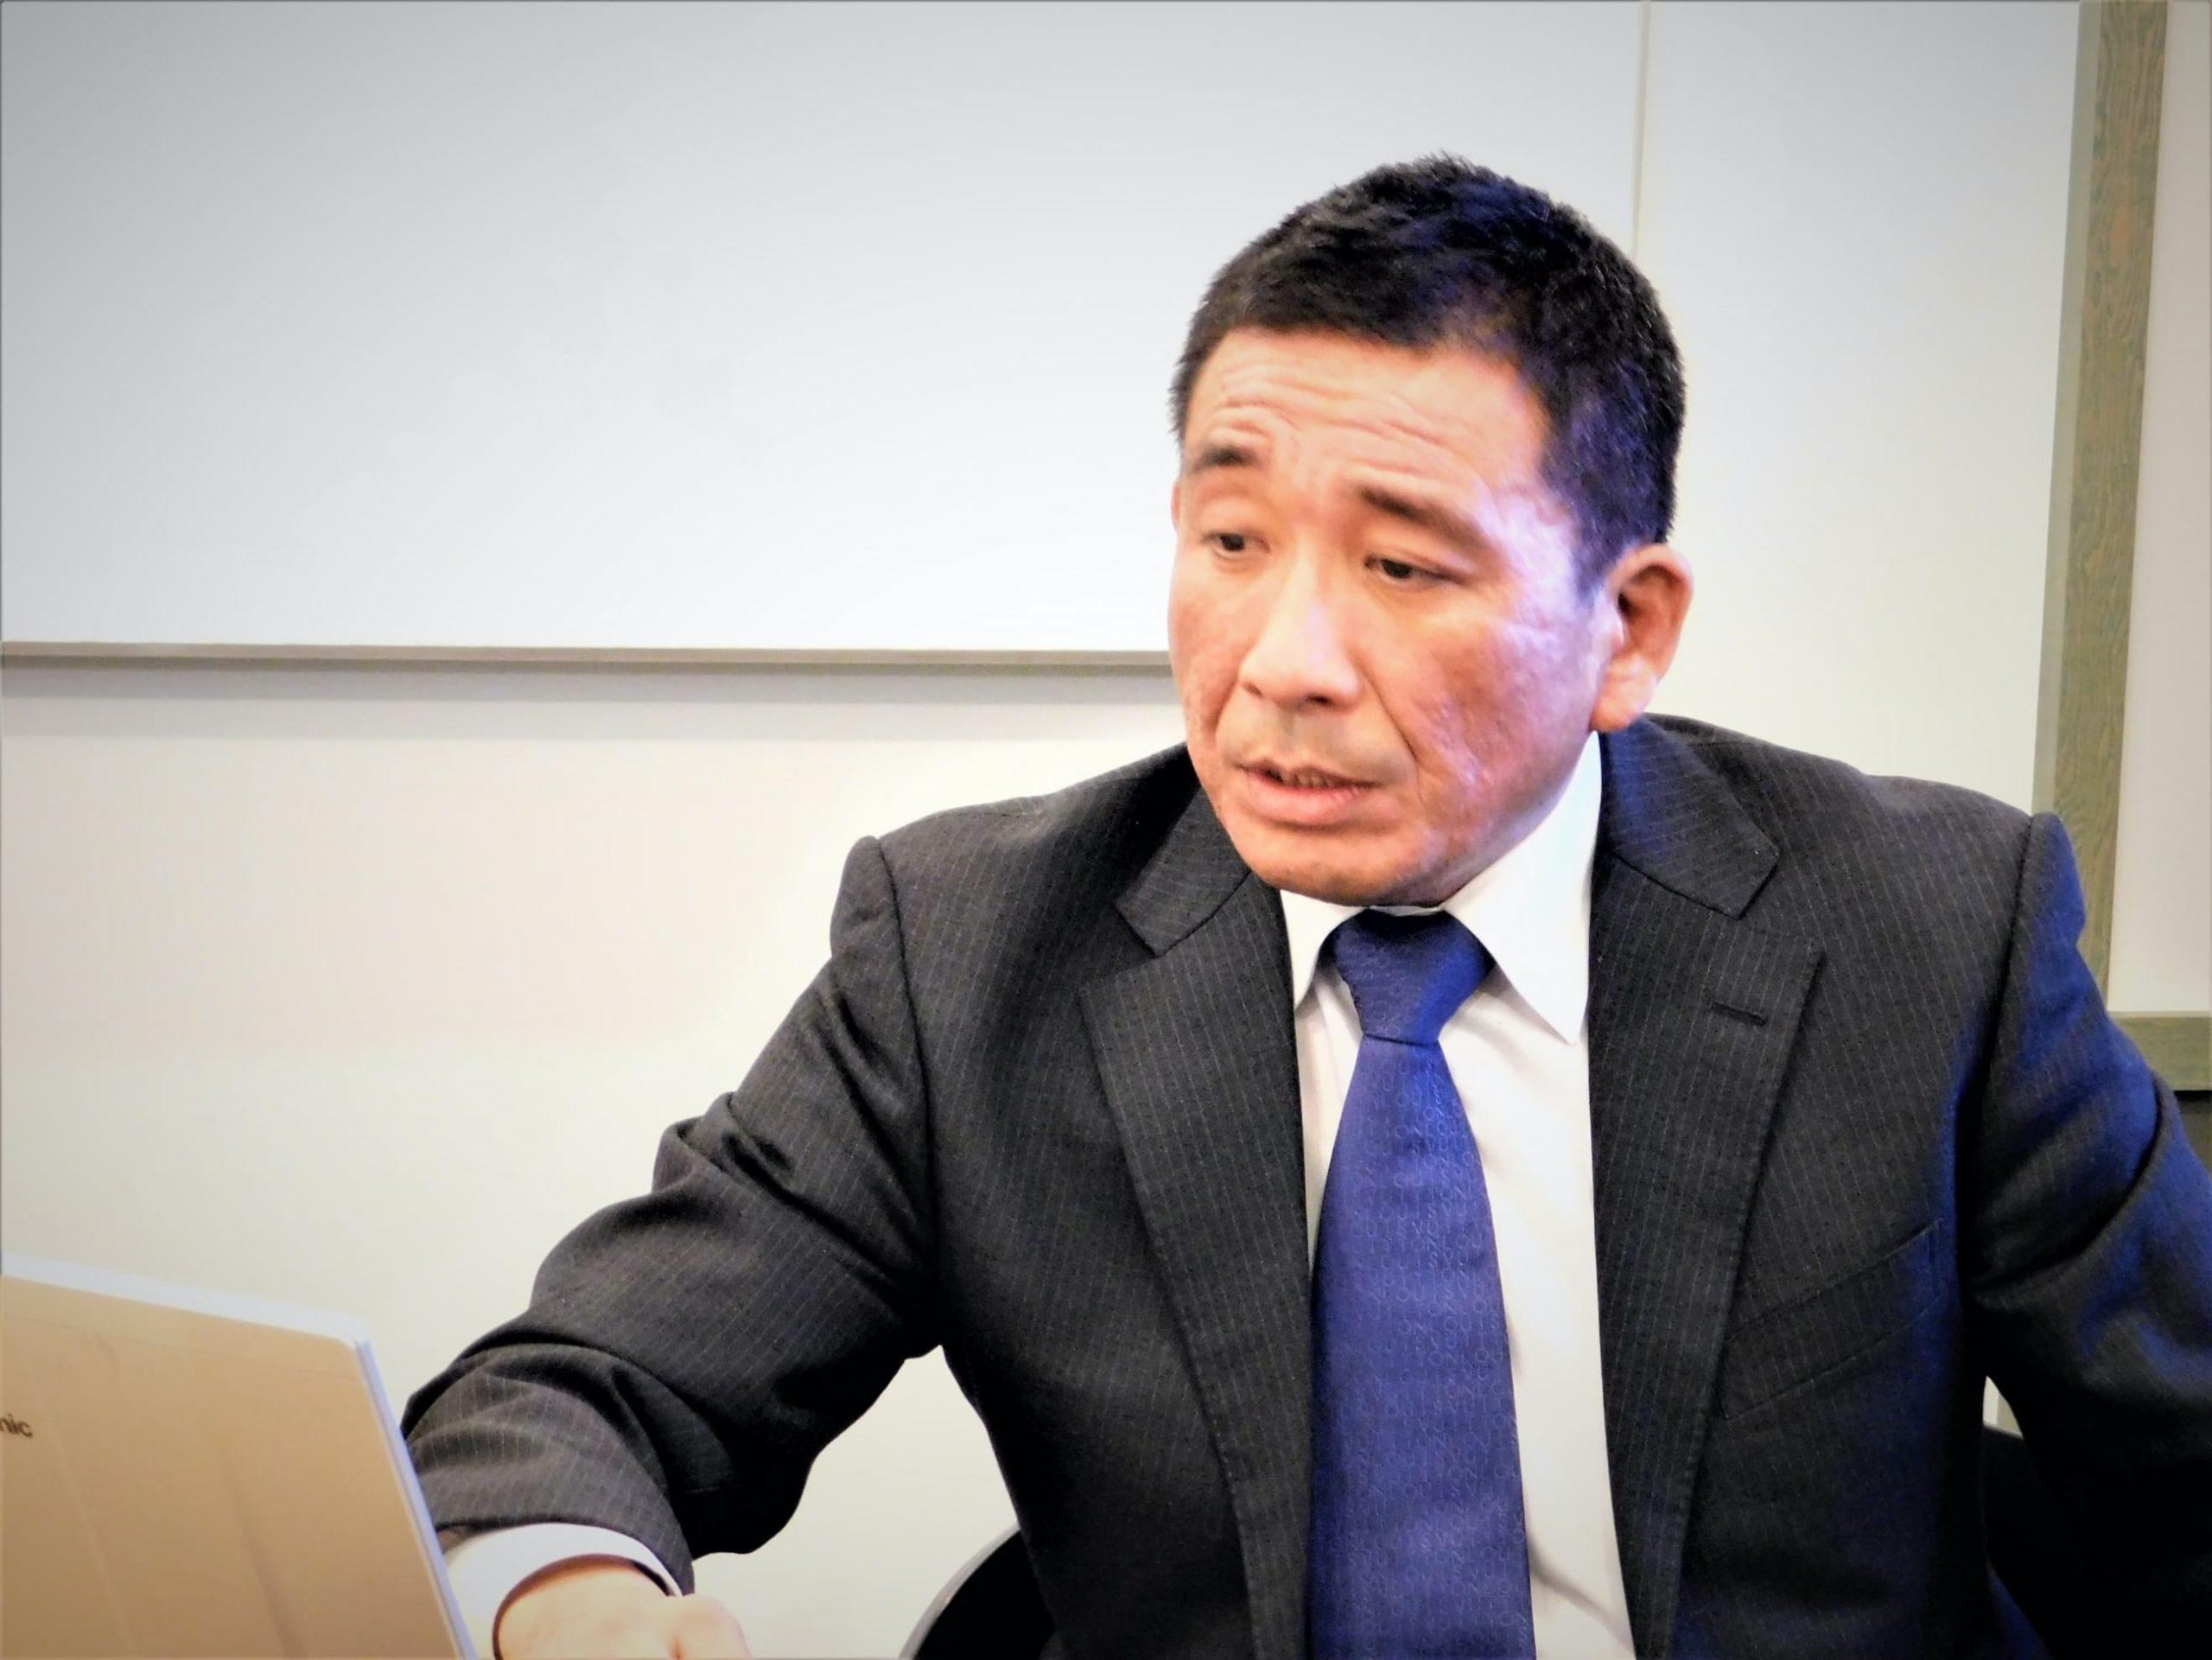 【ニュースリリース】公立大学法人首都大学東京 ベンチャー養成プログラム「アイデアソン」にて講演